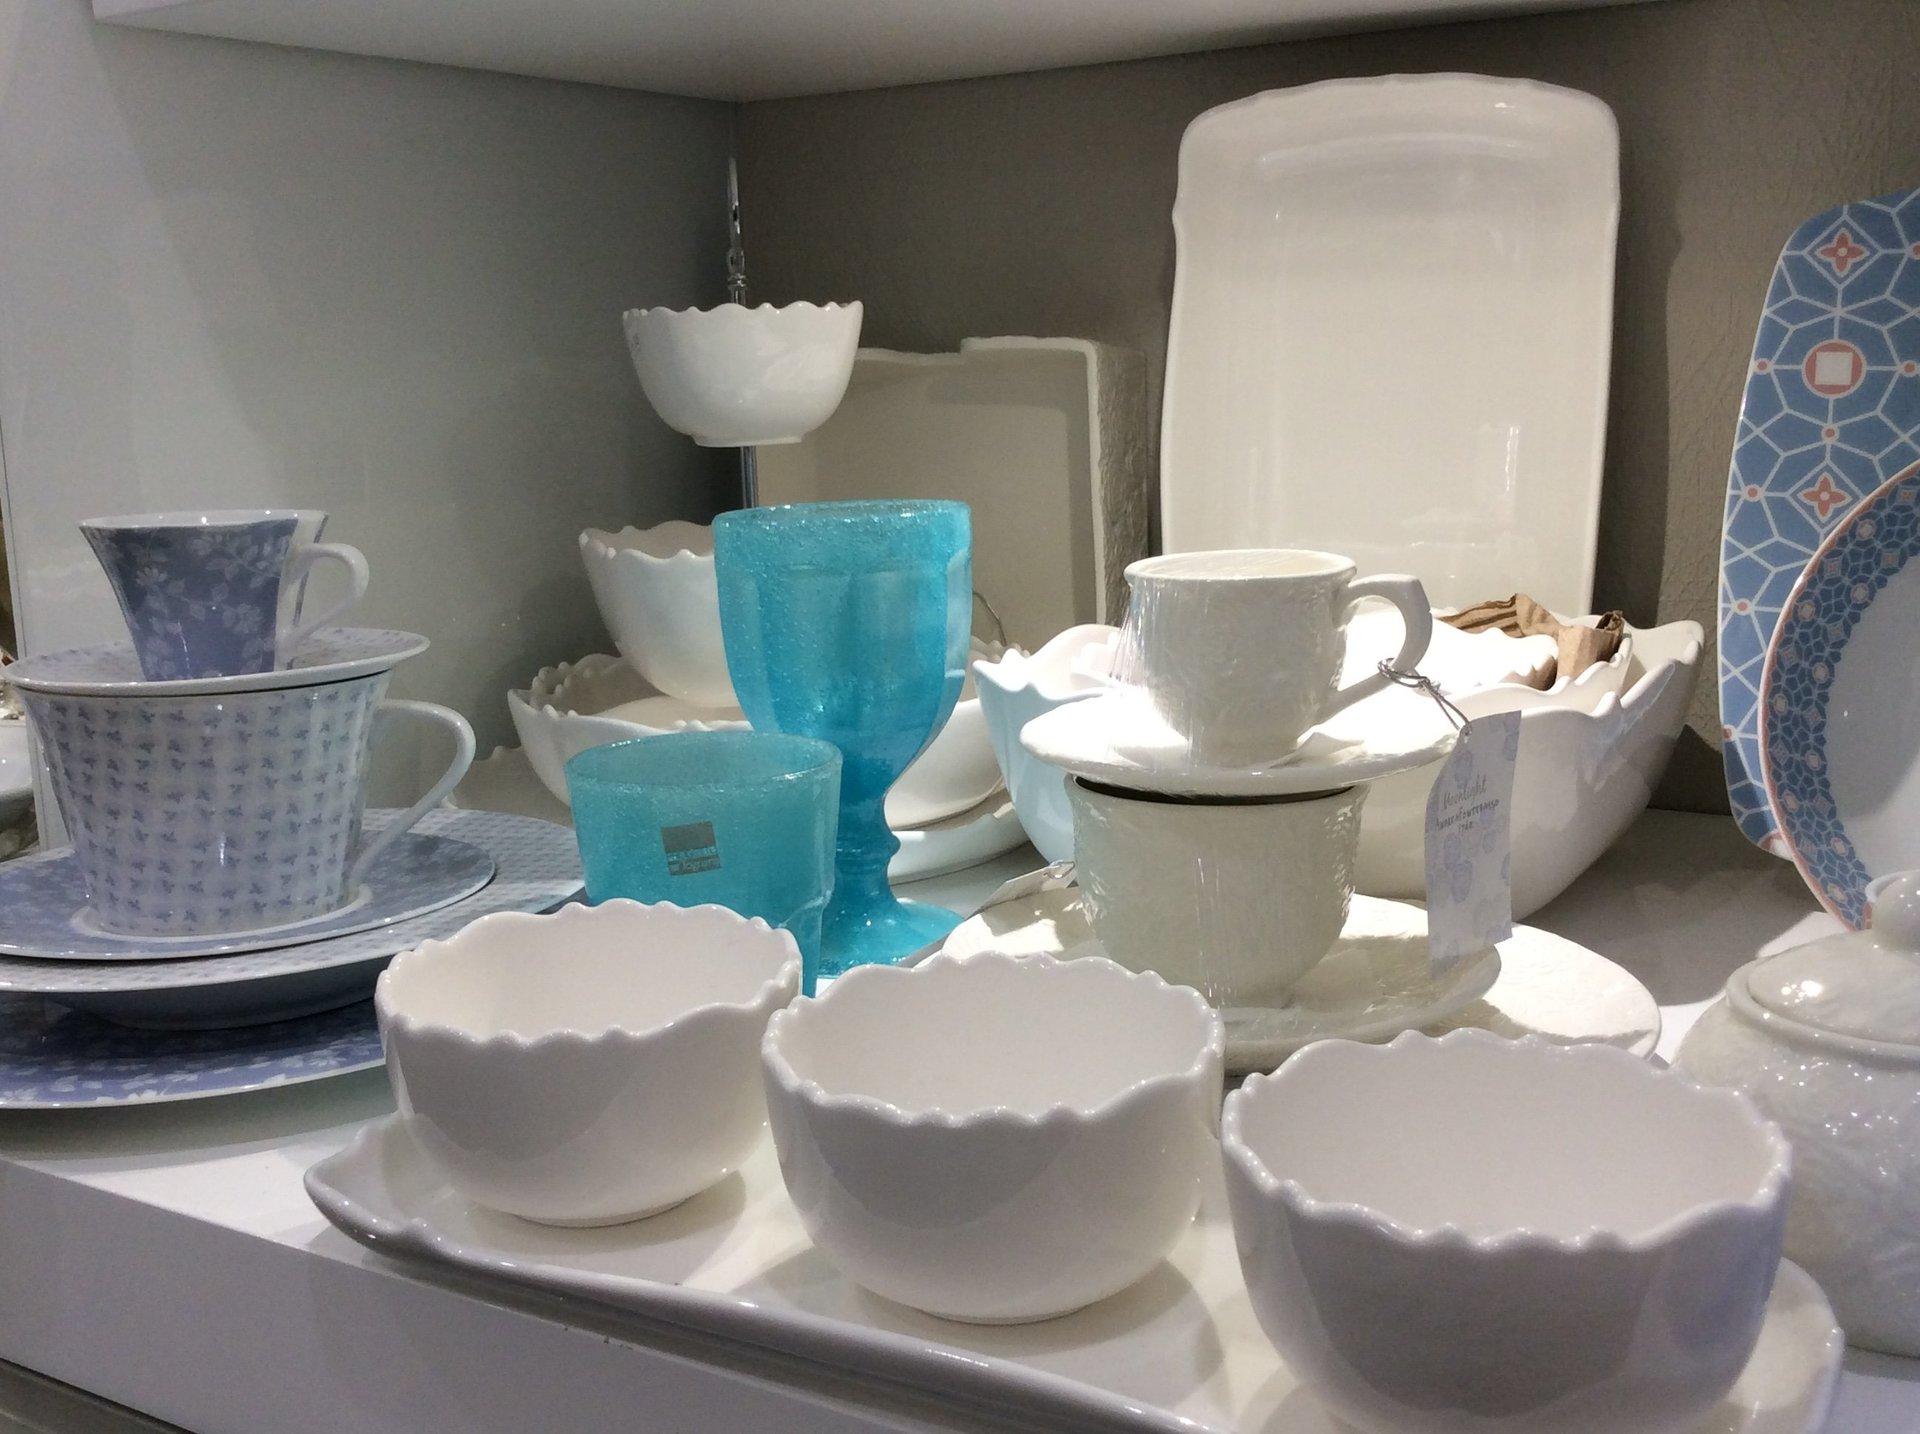 ciotole e tazze in porcellana